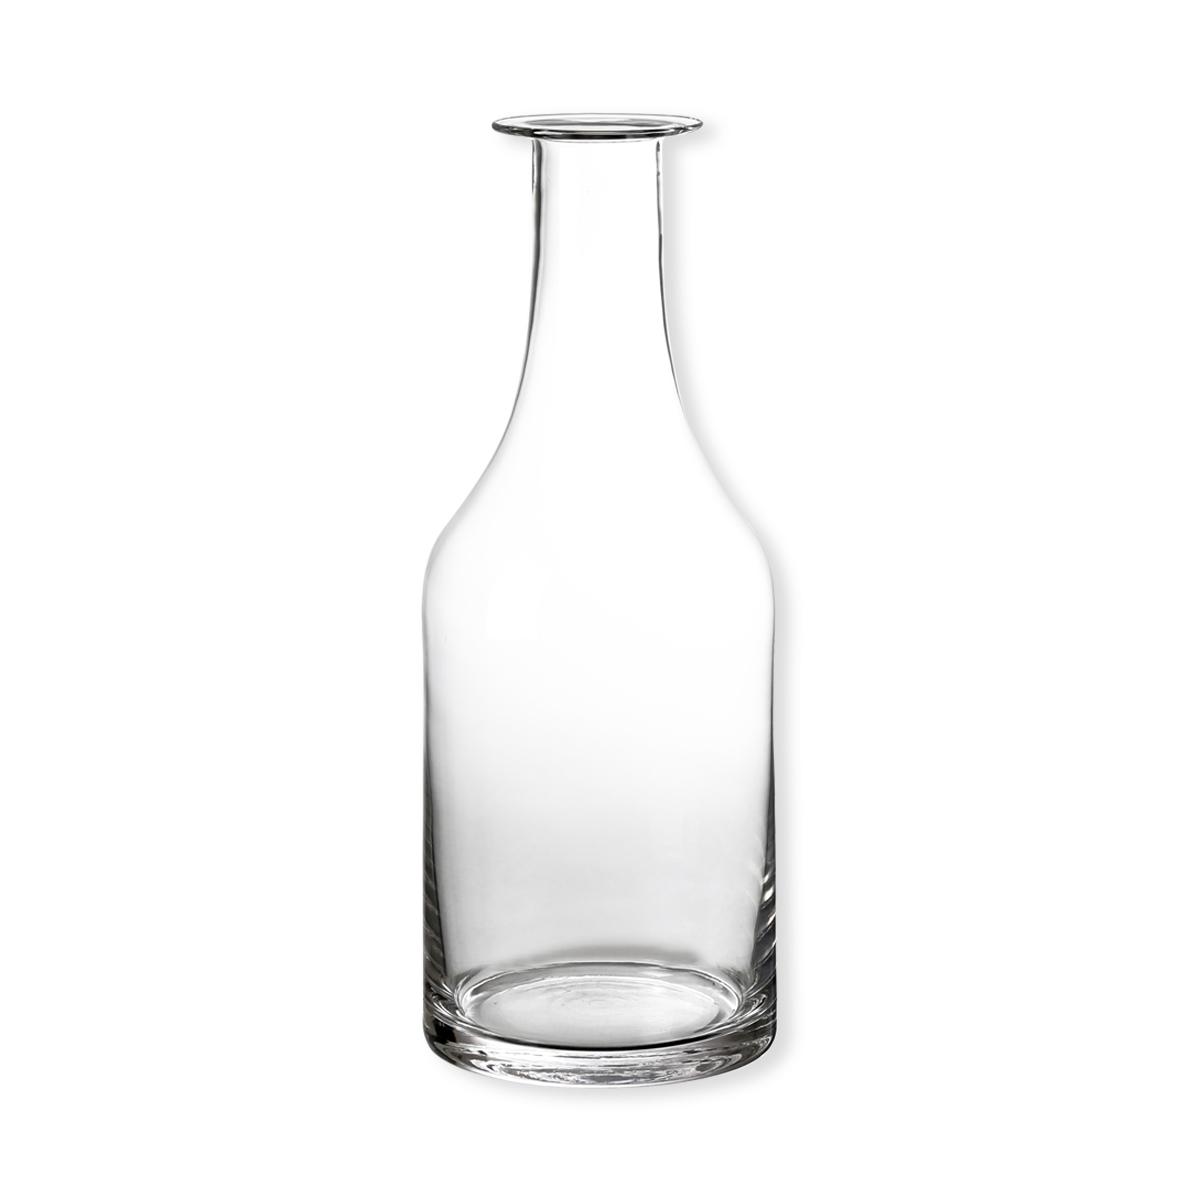 vase en verre transparent vase en forme de bouteille bruno evrard. Black Bedroom Furniture Sets. Home Design Ideas